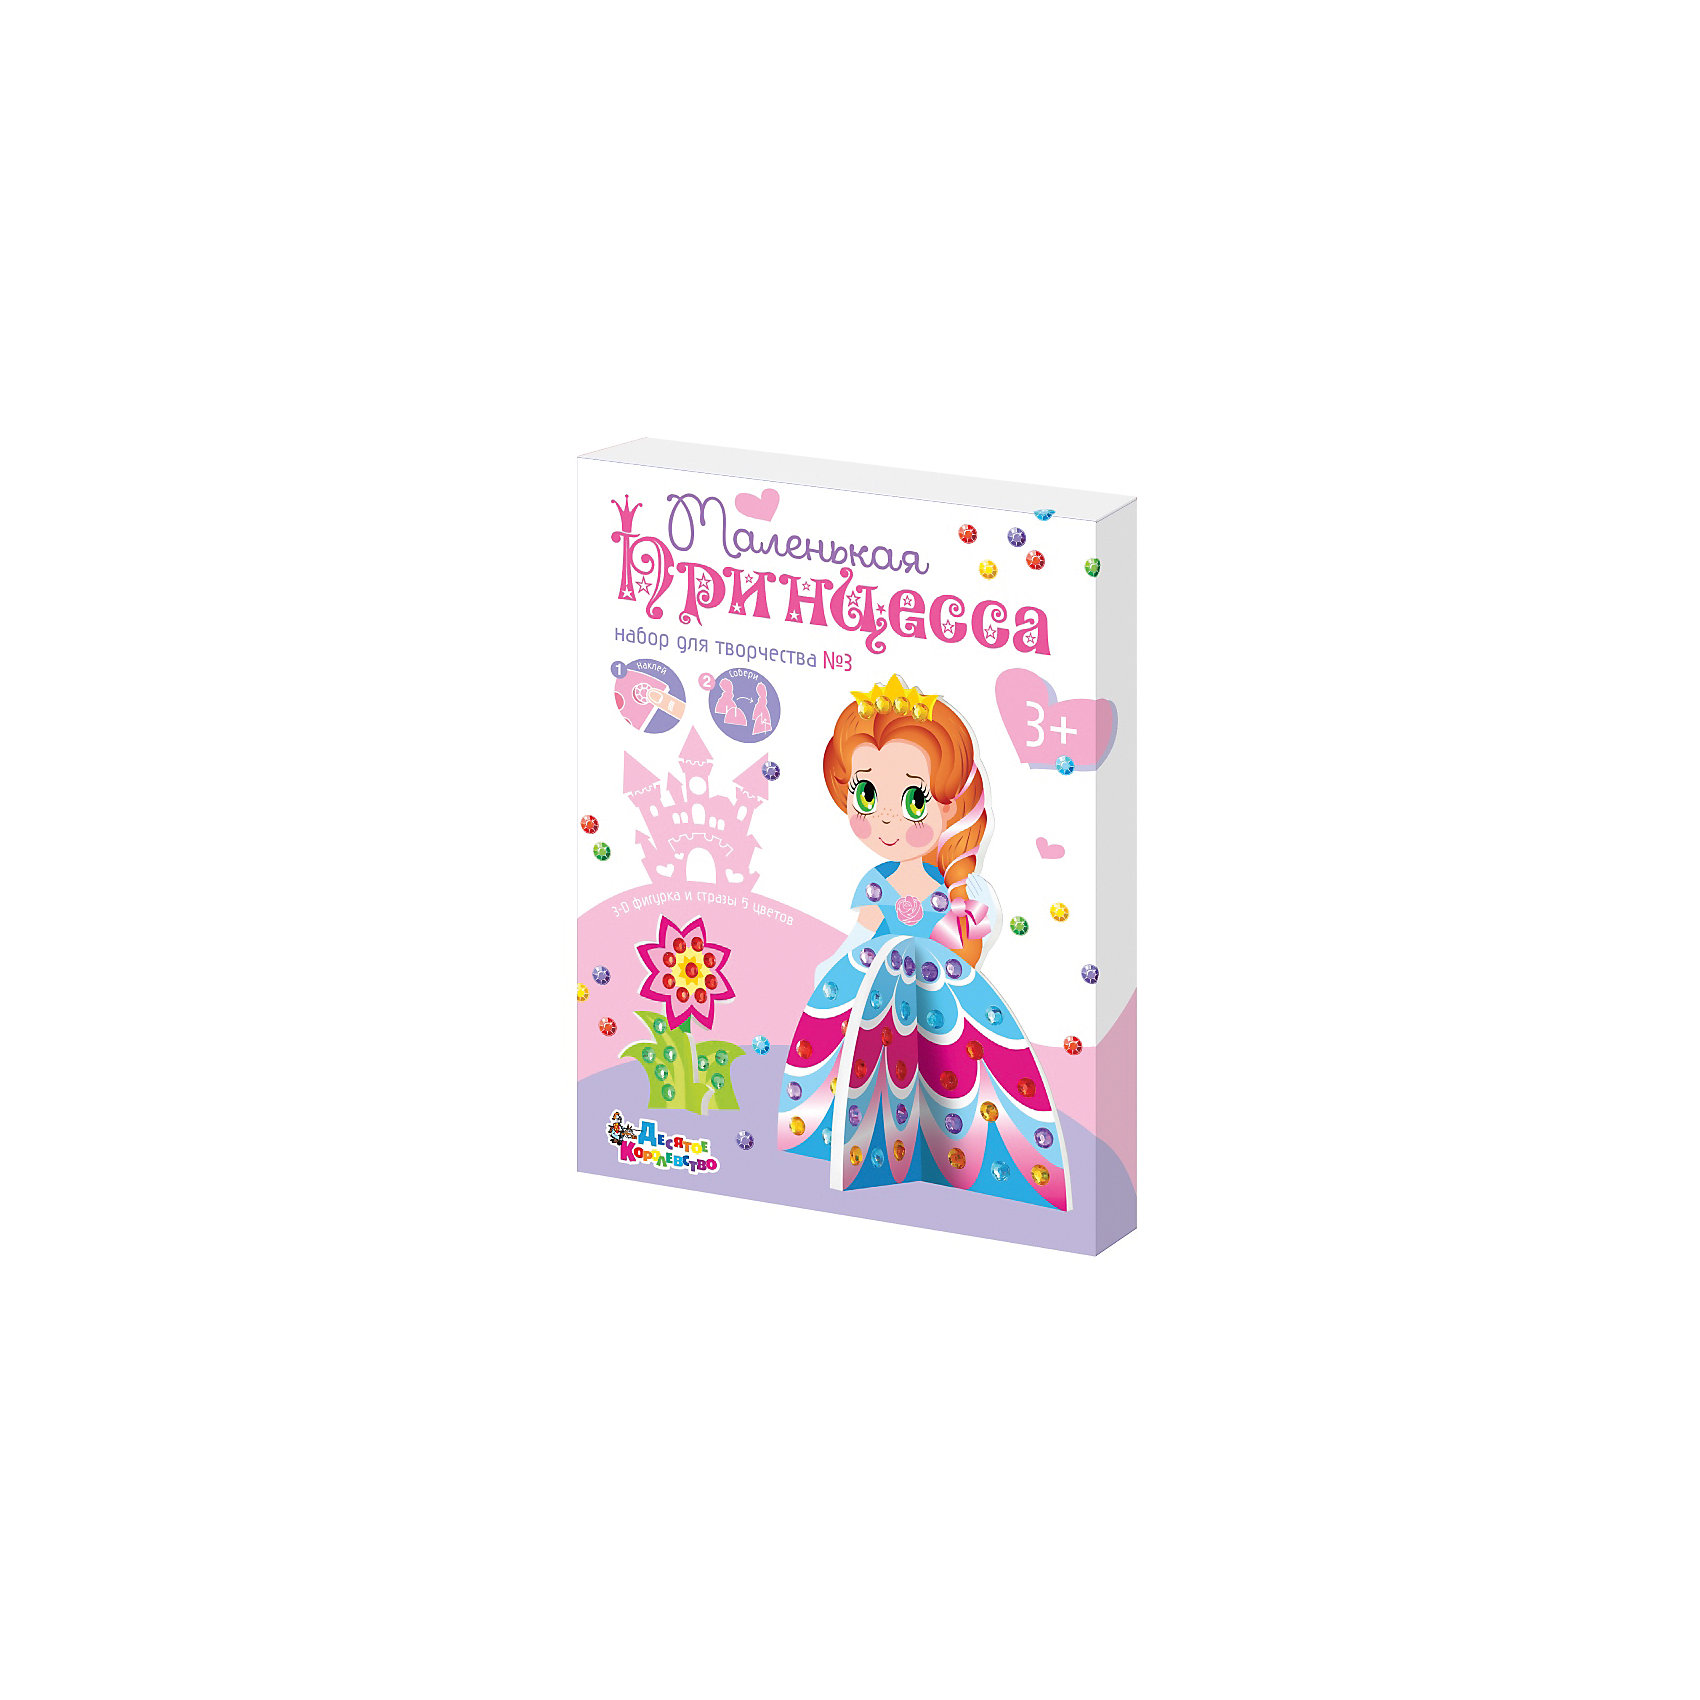 Набор для творчества из страз 3D Принцесса, Десятое королевствоНабор для творчества из страз 3D Принцесса, Десятое королевство<br><br>Характеристики:<br><br>• Возраст: от 7 лет<br>• В комплекте: заготовка из вспененного полимерного материала с изображением принцессы и цветка, стразы<br>• Количество цетов: 5<br>• Размер готовой картинки: 11х11х15см<br><br>Этот набор даст вашему ребенку увлекательно провести время за украшением заготовки яркими цветными стразами. Для удобства - в наборе присутствуют подсказки, как лучше осуществлять приклеивание декоративных элементов. После того, как заготовки будут украшены, можно соединить 3D паззлы в одну фигуру. Работать с набором рекомендуется под присмотром взрослых. Данная игрушка развивает мелкую моторику и усидчивость ребенка.<br><br>Набор для творчества из страз 3D Принцесса, Десятое королевство можно купить в нашем интернет-магазине.<br><br>Ширина мм: 170<br>Глубина мм: 230<br>Высота мм: 25<br>Вес г: 106<br>Возраст от месяцев: 84<br>Возраст до месяцев: 2147483647<br>Пол: Женский<br>Возраст: Детский<br>SKU: 5471670